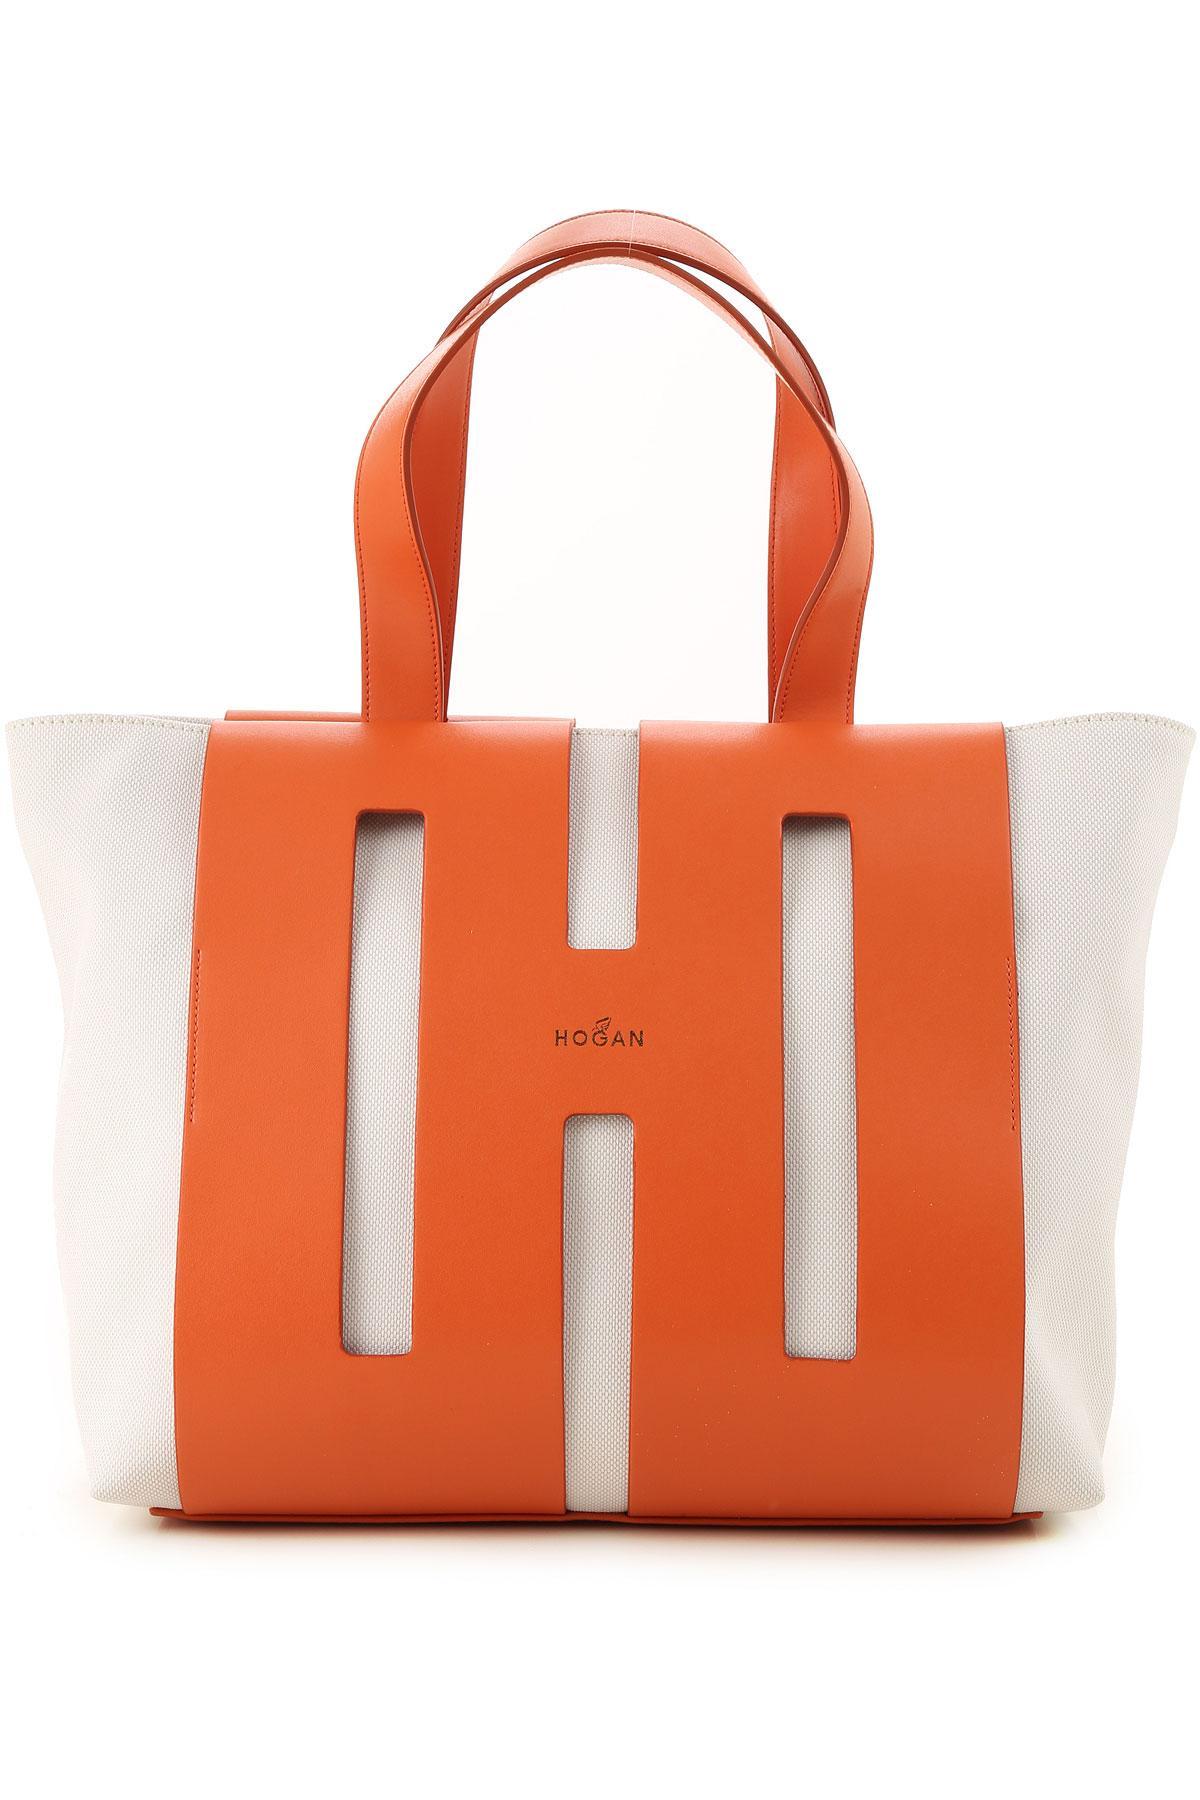 b032452db0e Lyst - Hogan Tote Bag in Orange